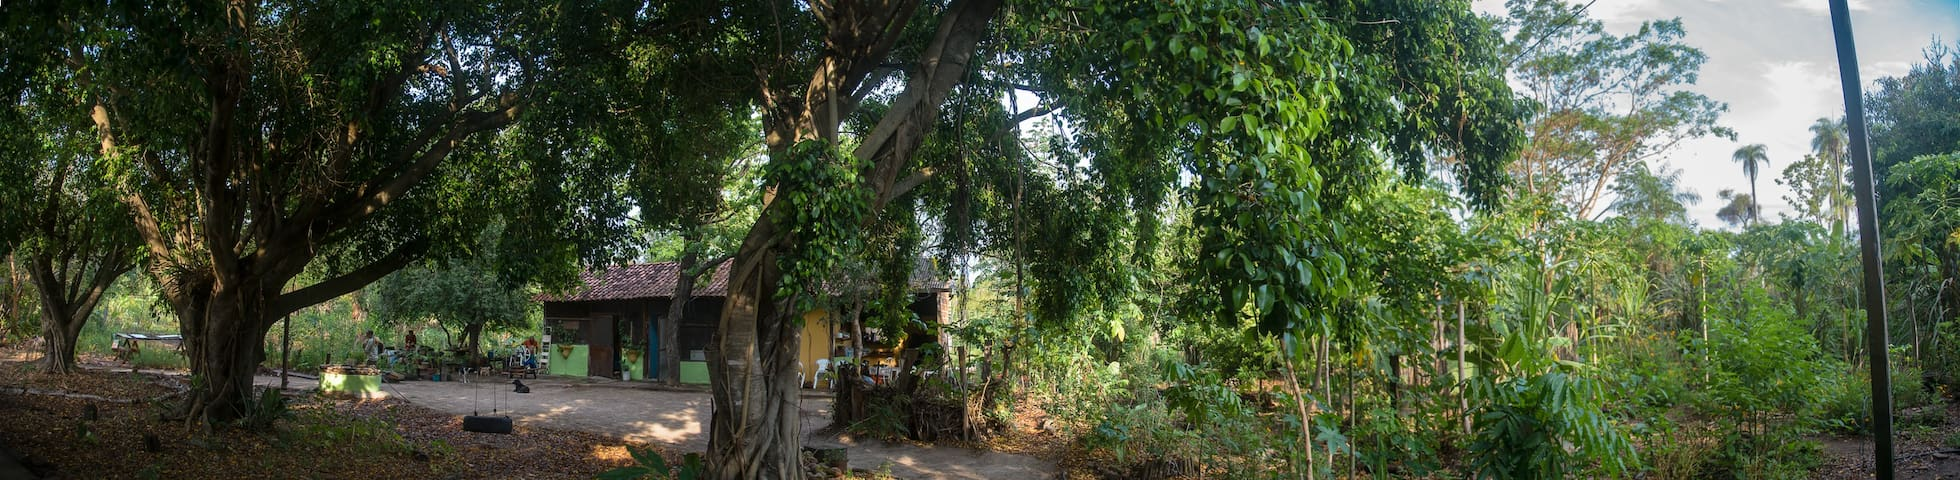 Zimmer im südlichen Pantanal mitten im Garten